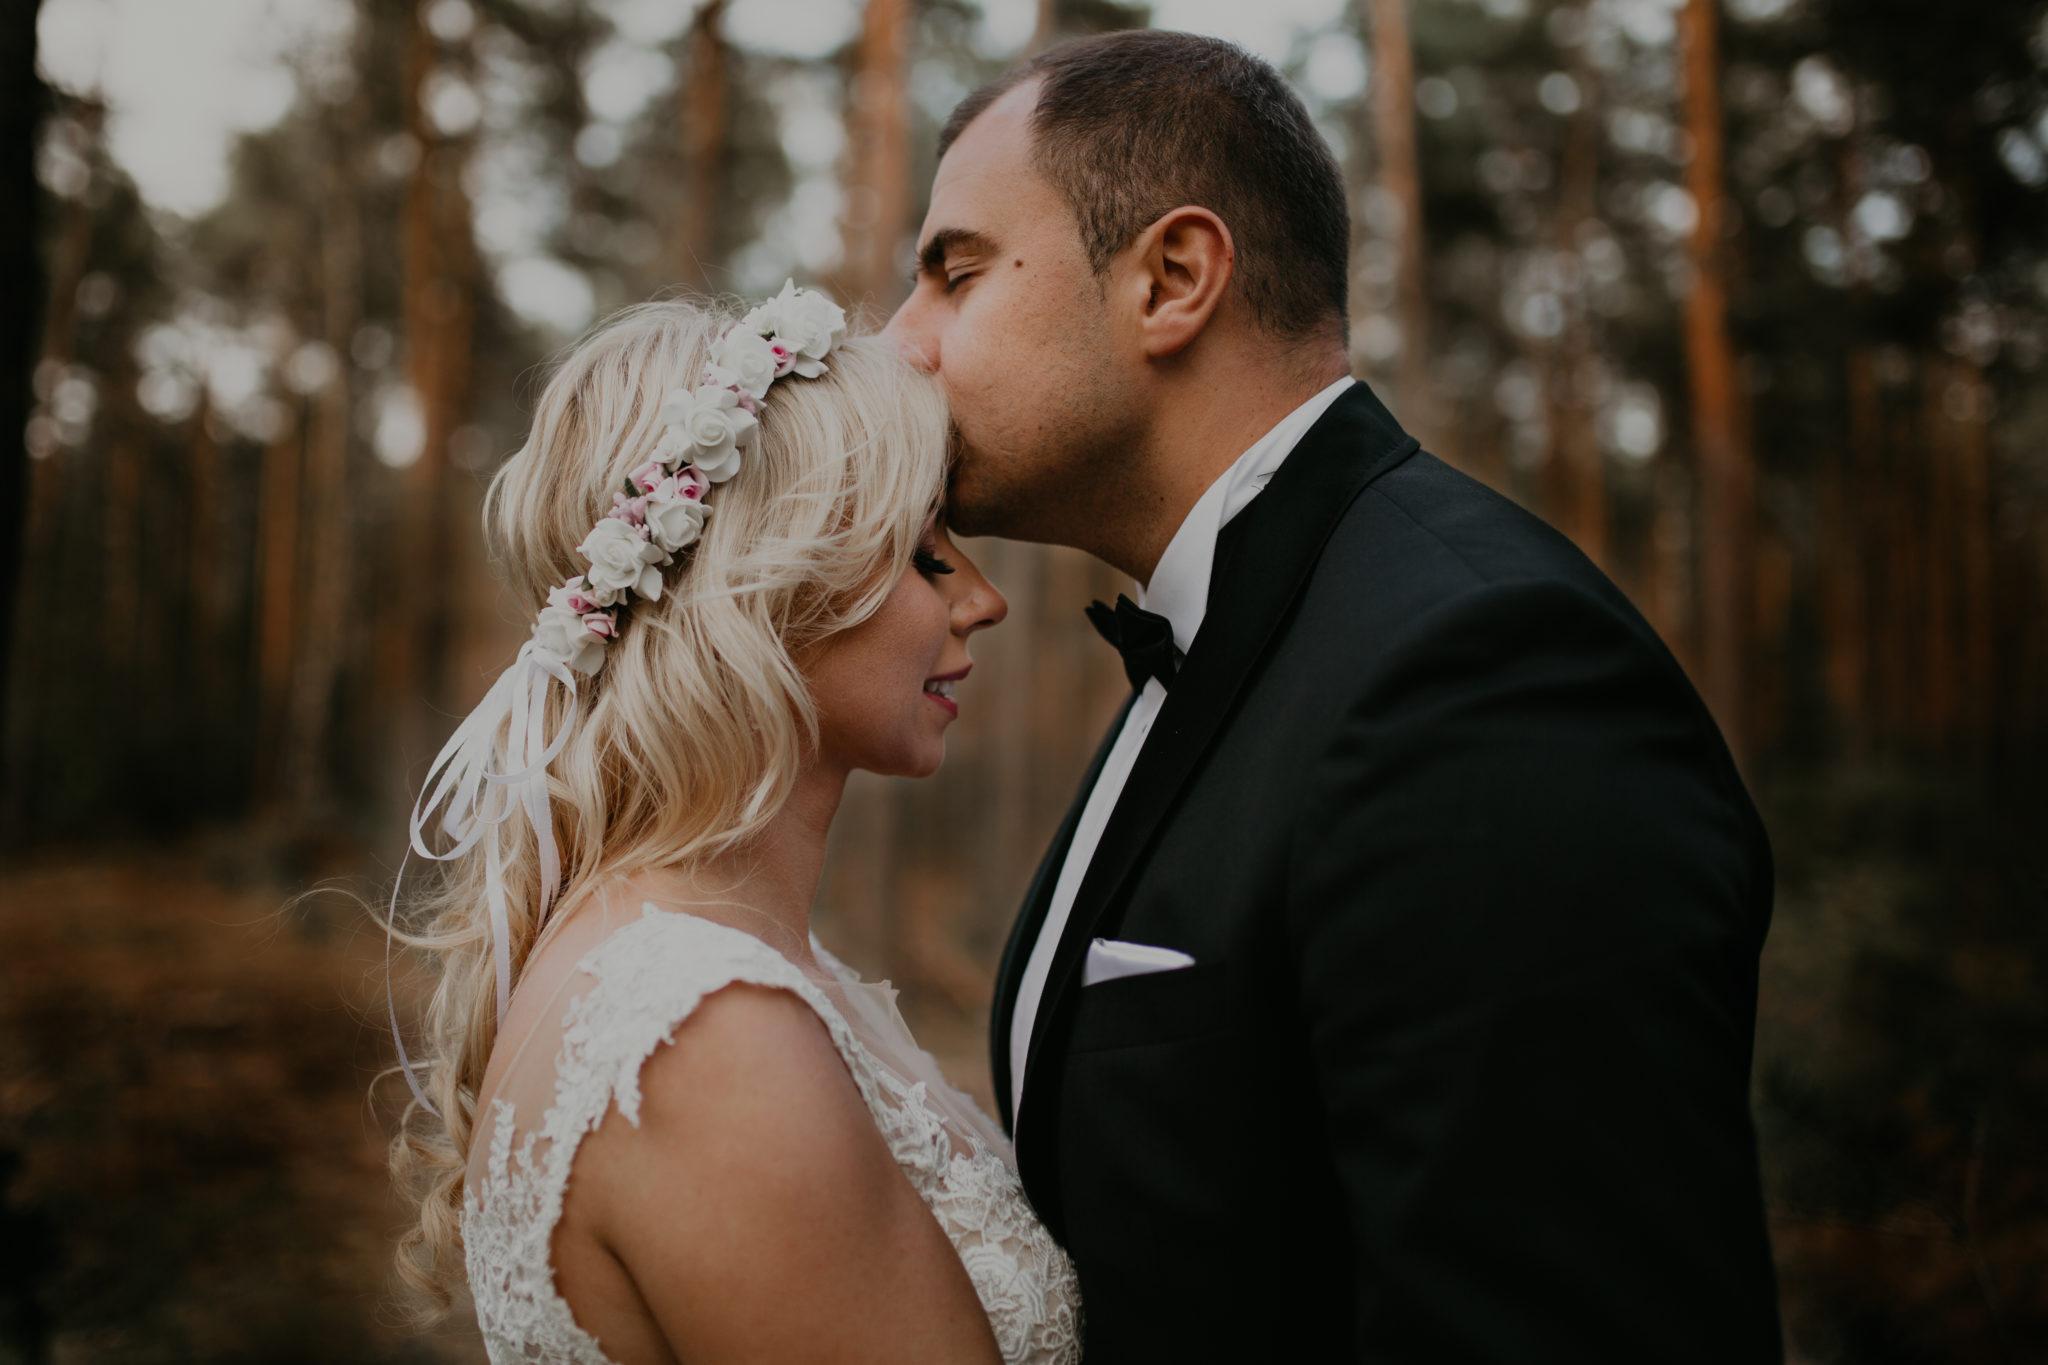 asia i mateuszplener 16 1 - fotografiaam Fotografia ślubna RK wedding